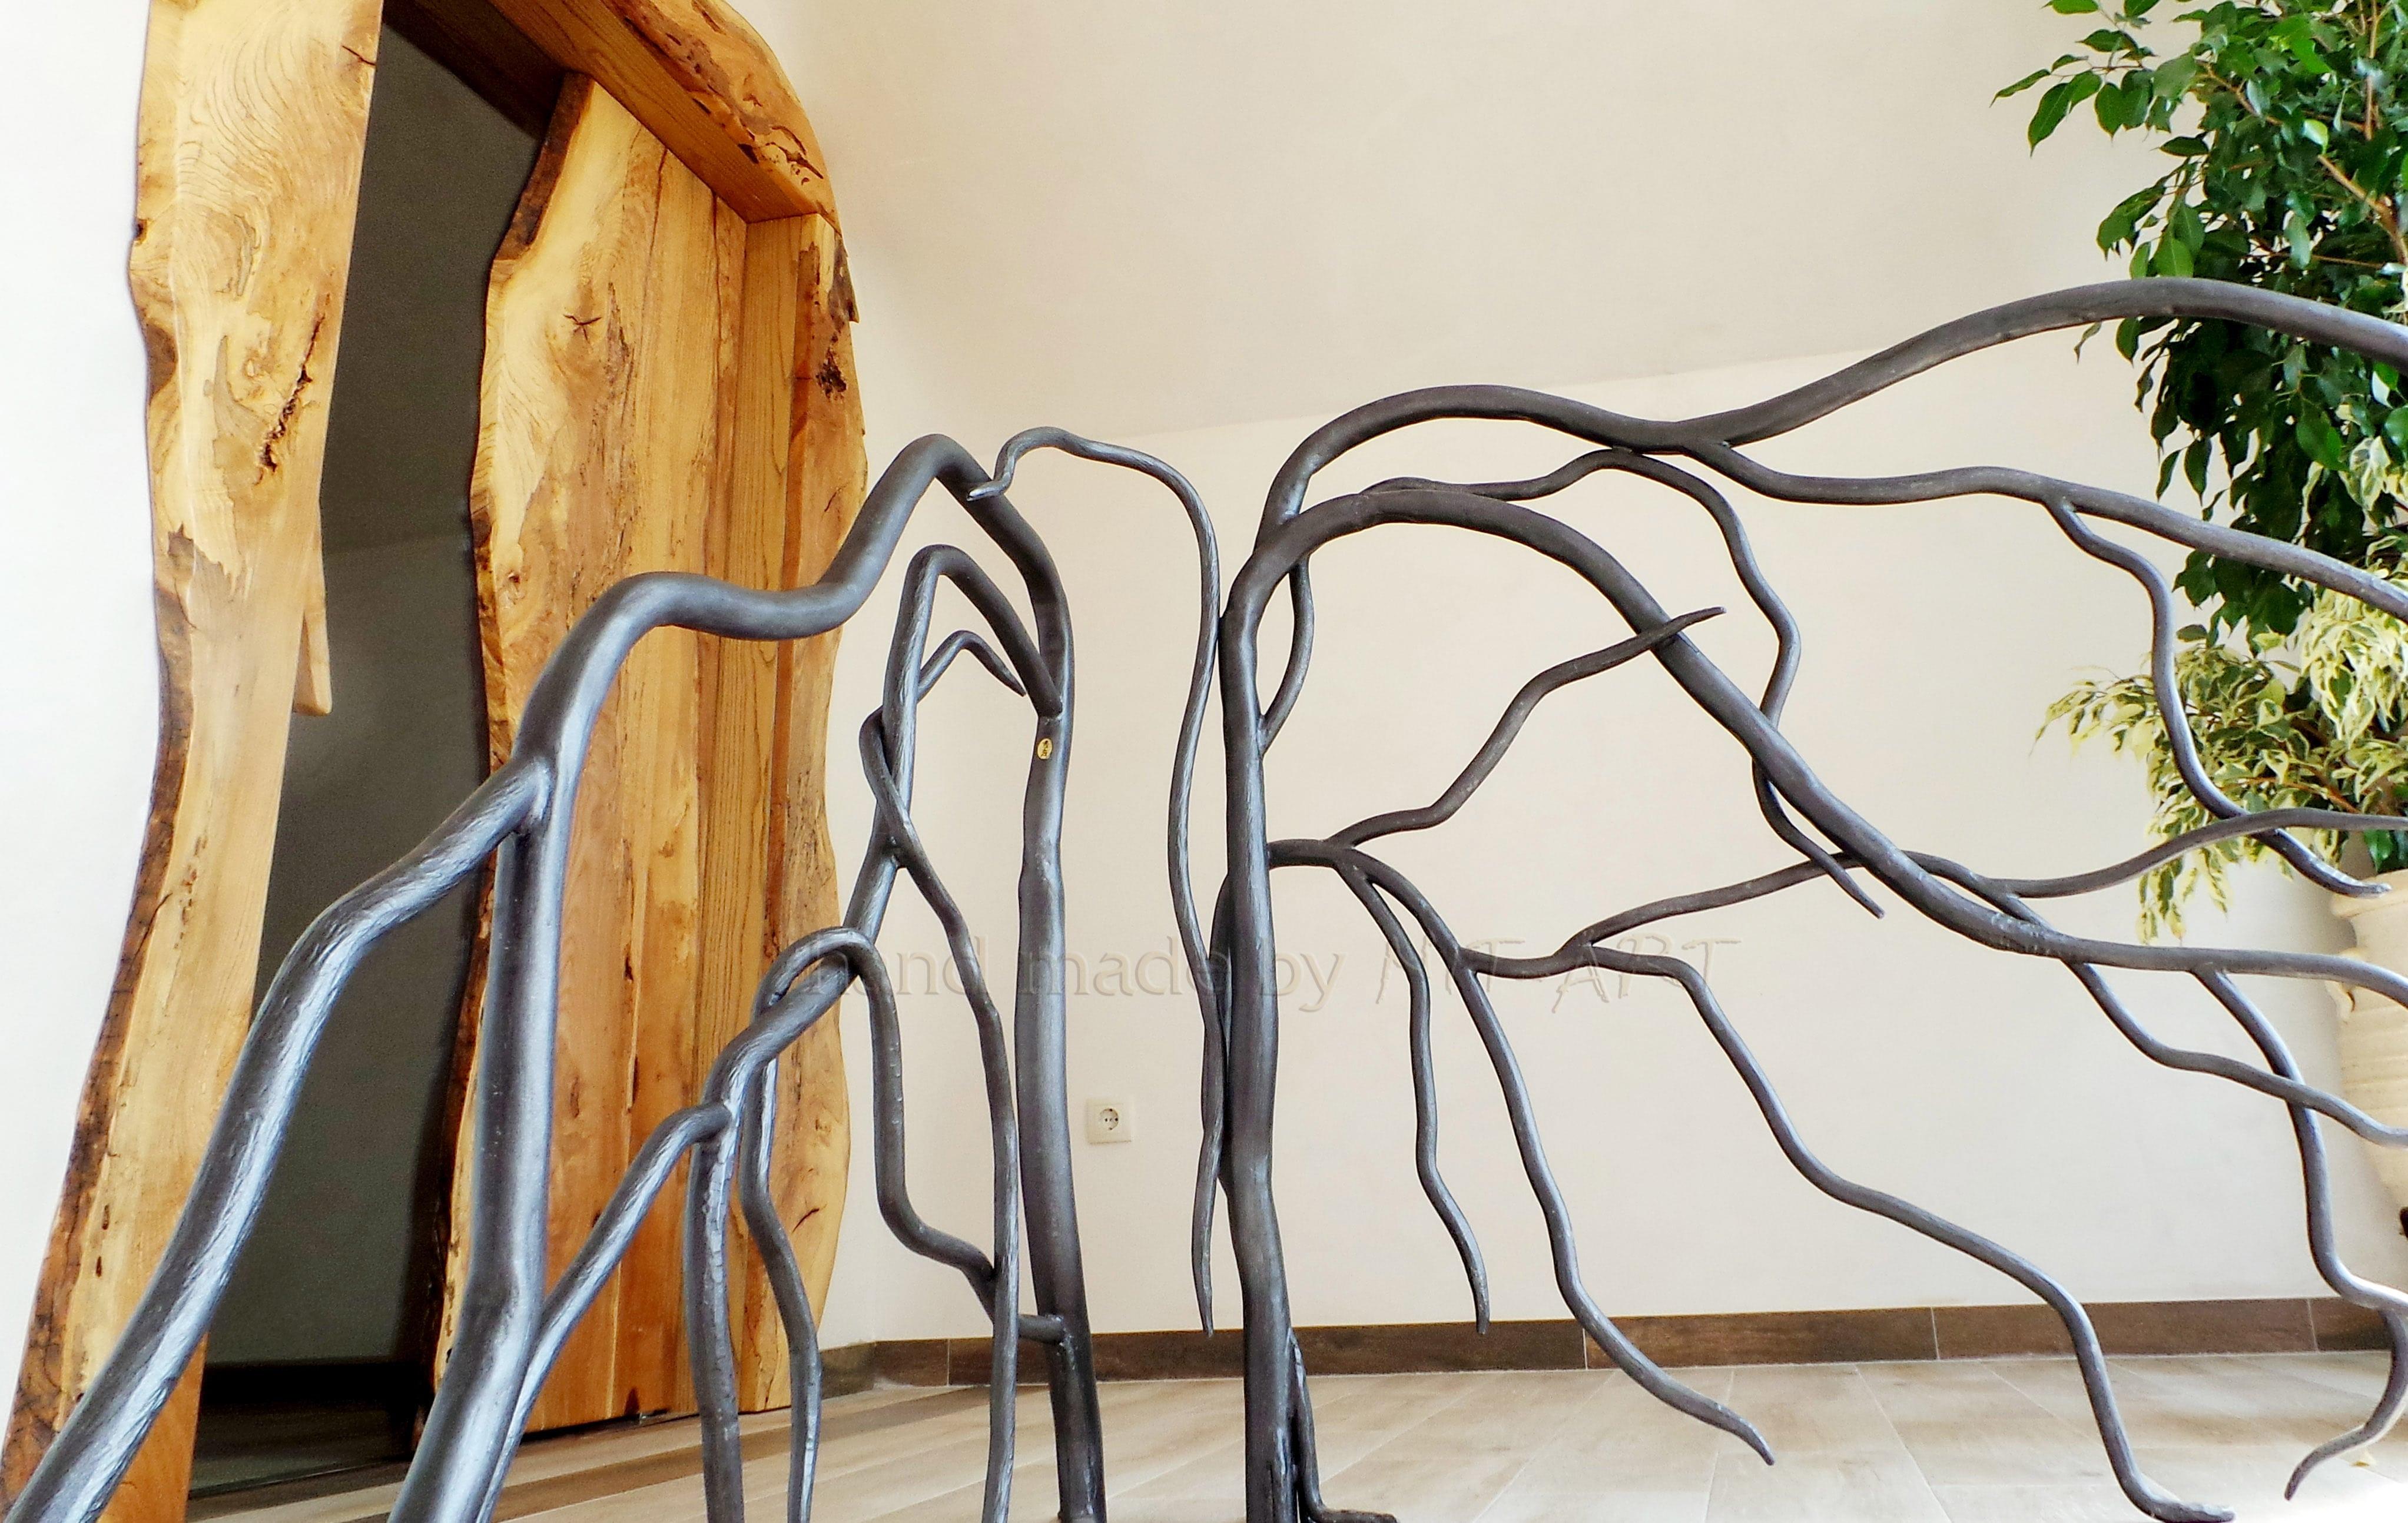 NIT-ART Kovano gvozdje, ograda za stepenice. Ručno kovano i savijano. Svaka grana je posebno kovana i oblikovana.